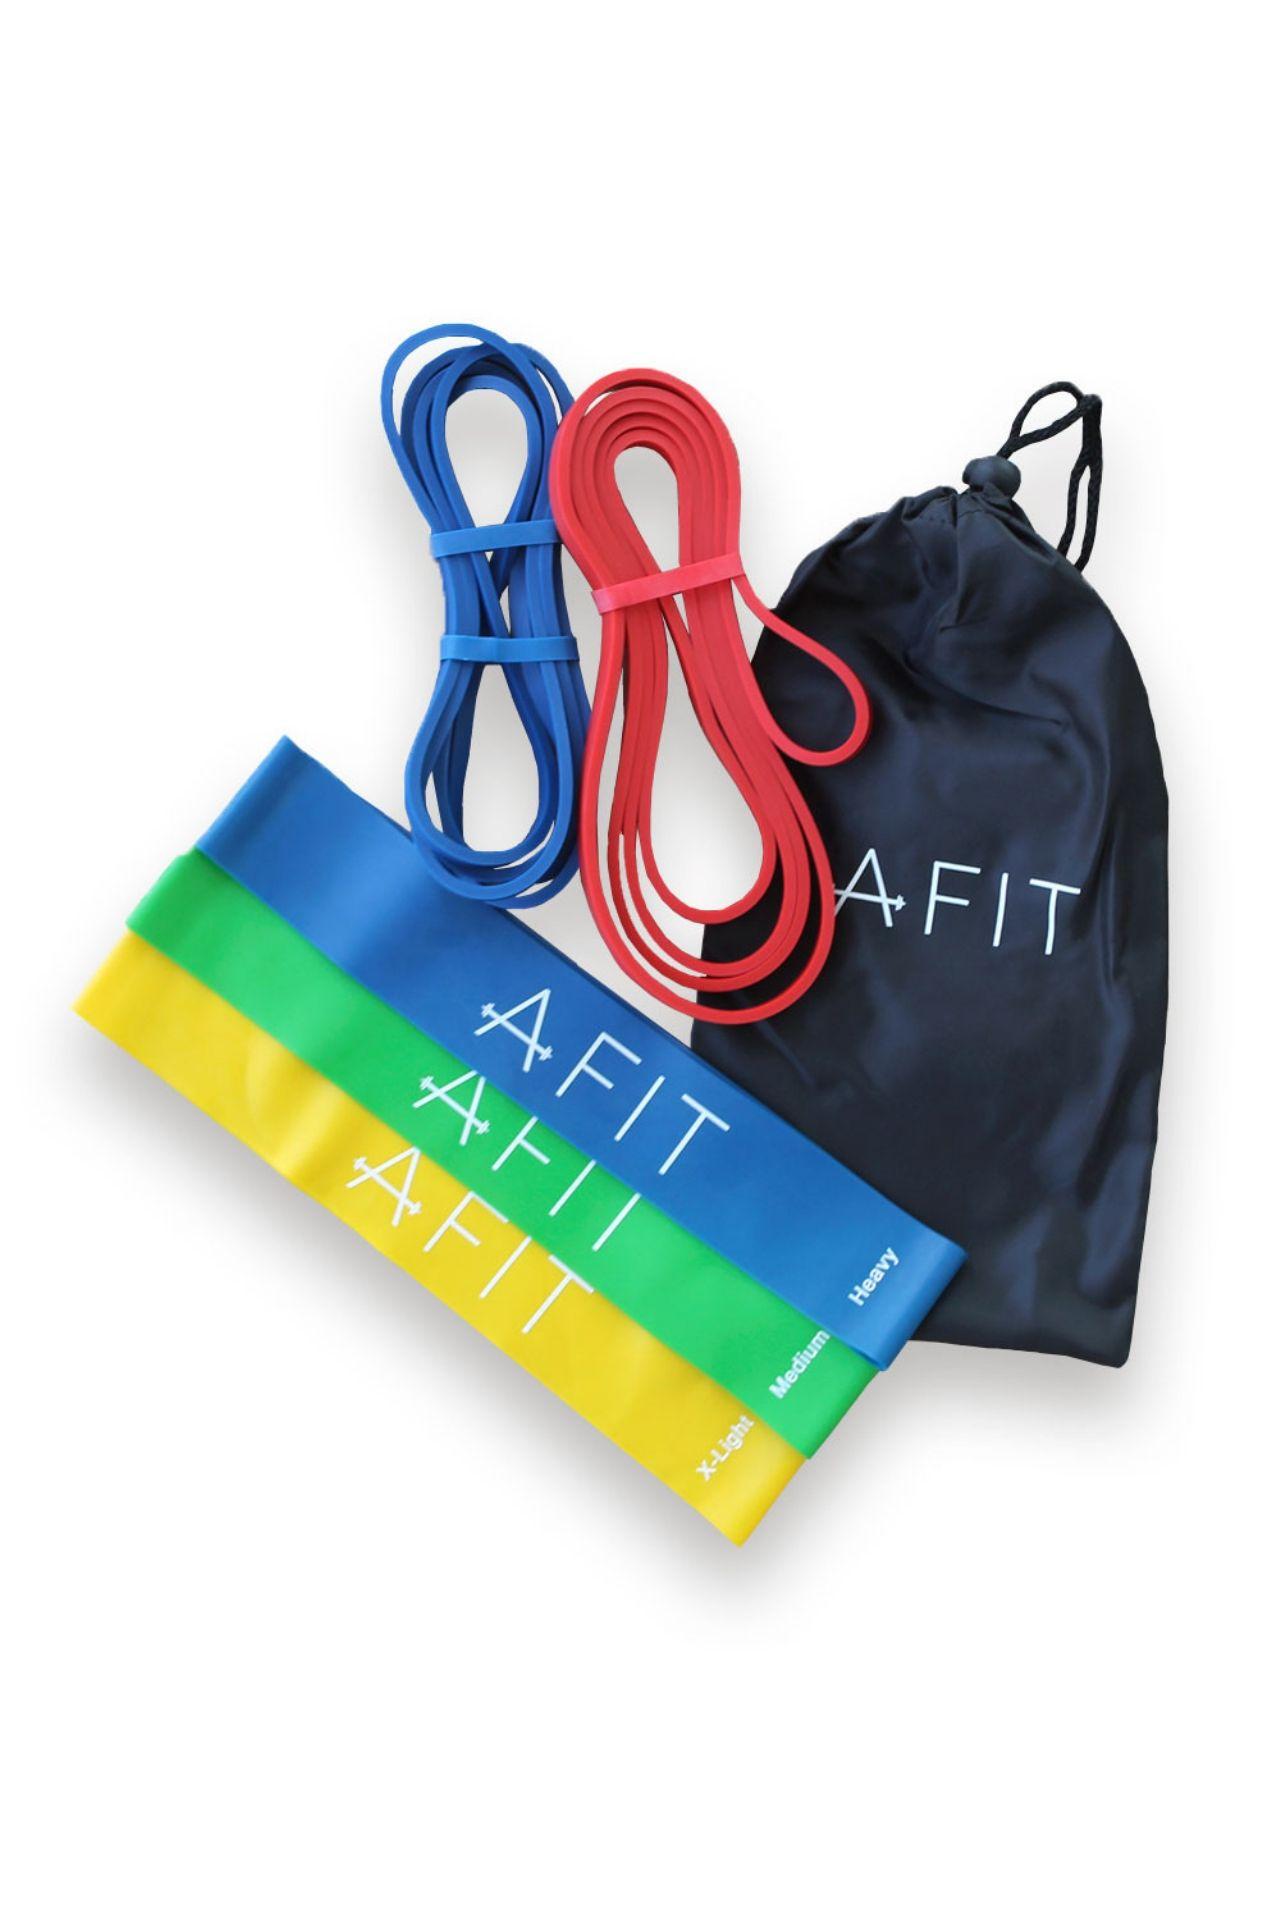 Pack de 2 bandas largas (rojo y azul) y 3 mini bandas con distintos niveles de resistencia.  Perfectas para entrenar en casa, en el gimnasio, etc.  Muy ligeras, ideales para llevar de viaje.  Agrega resistencia a tus entrenamientos y progresa rápido.  Bandas largas:   Alto: 1 cm  Ancho: 0.03 cm   Largo: 40 cm  Peso:0.3 kg  Mini bandas:  Alto: 5 cm  Ancho:0.2 cm    Largo: 30 cm                 Material: látex